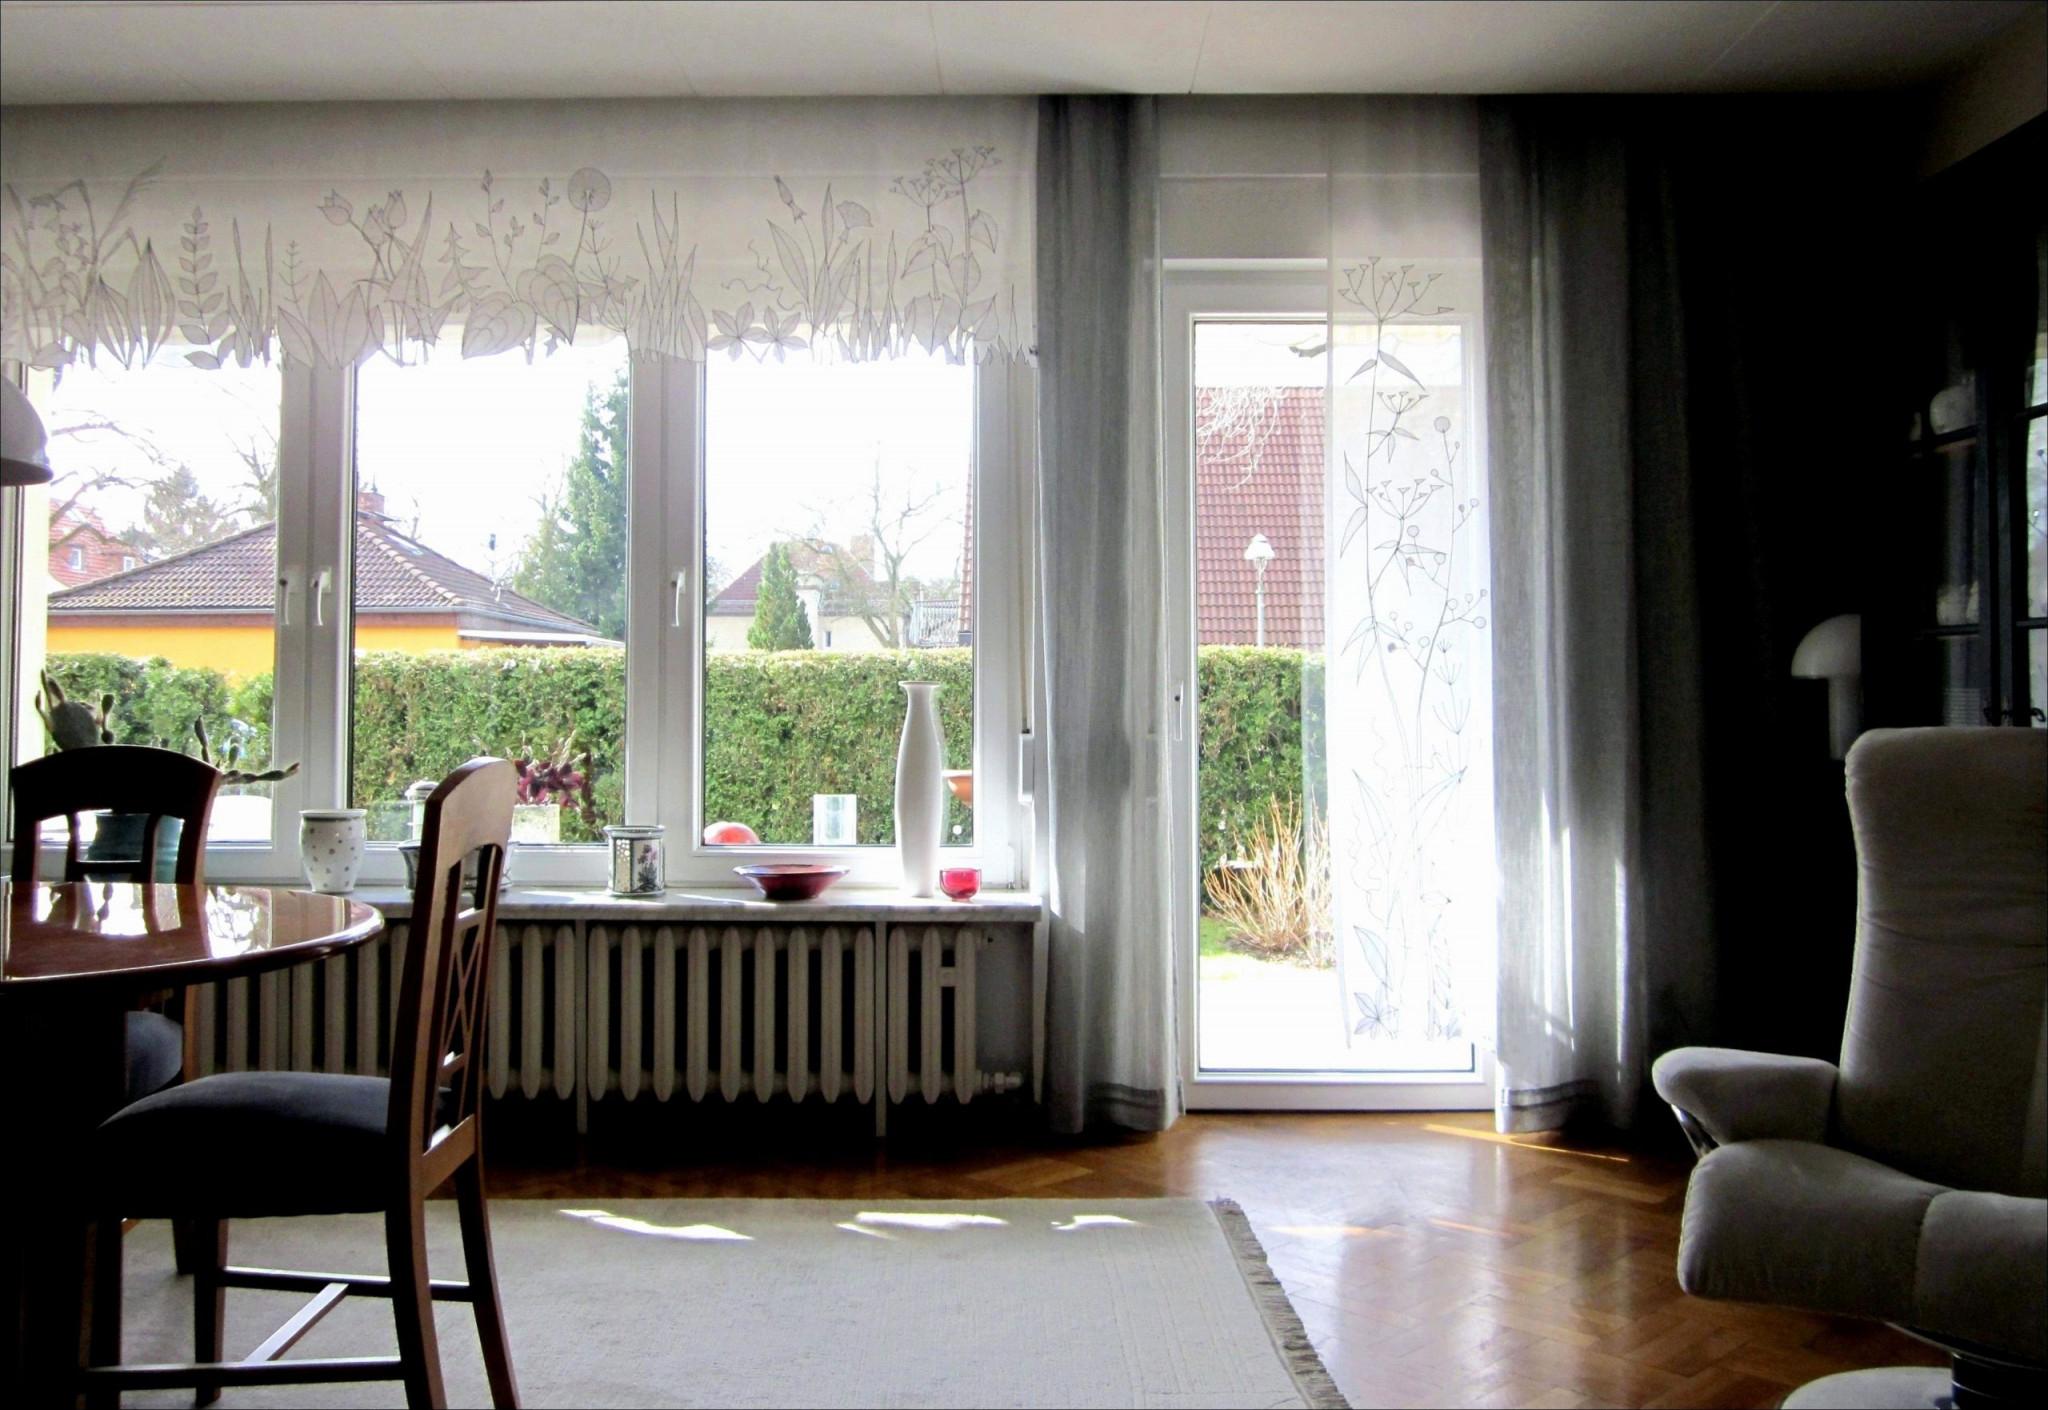 Wohnzimmer Gardinen Kurz Das Beste Von Kurze Gardinen von Gardinen Wohnzimmer Kurz Bild